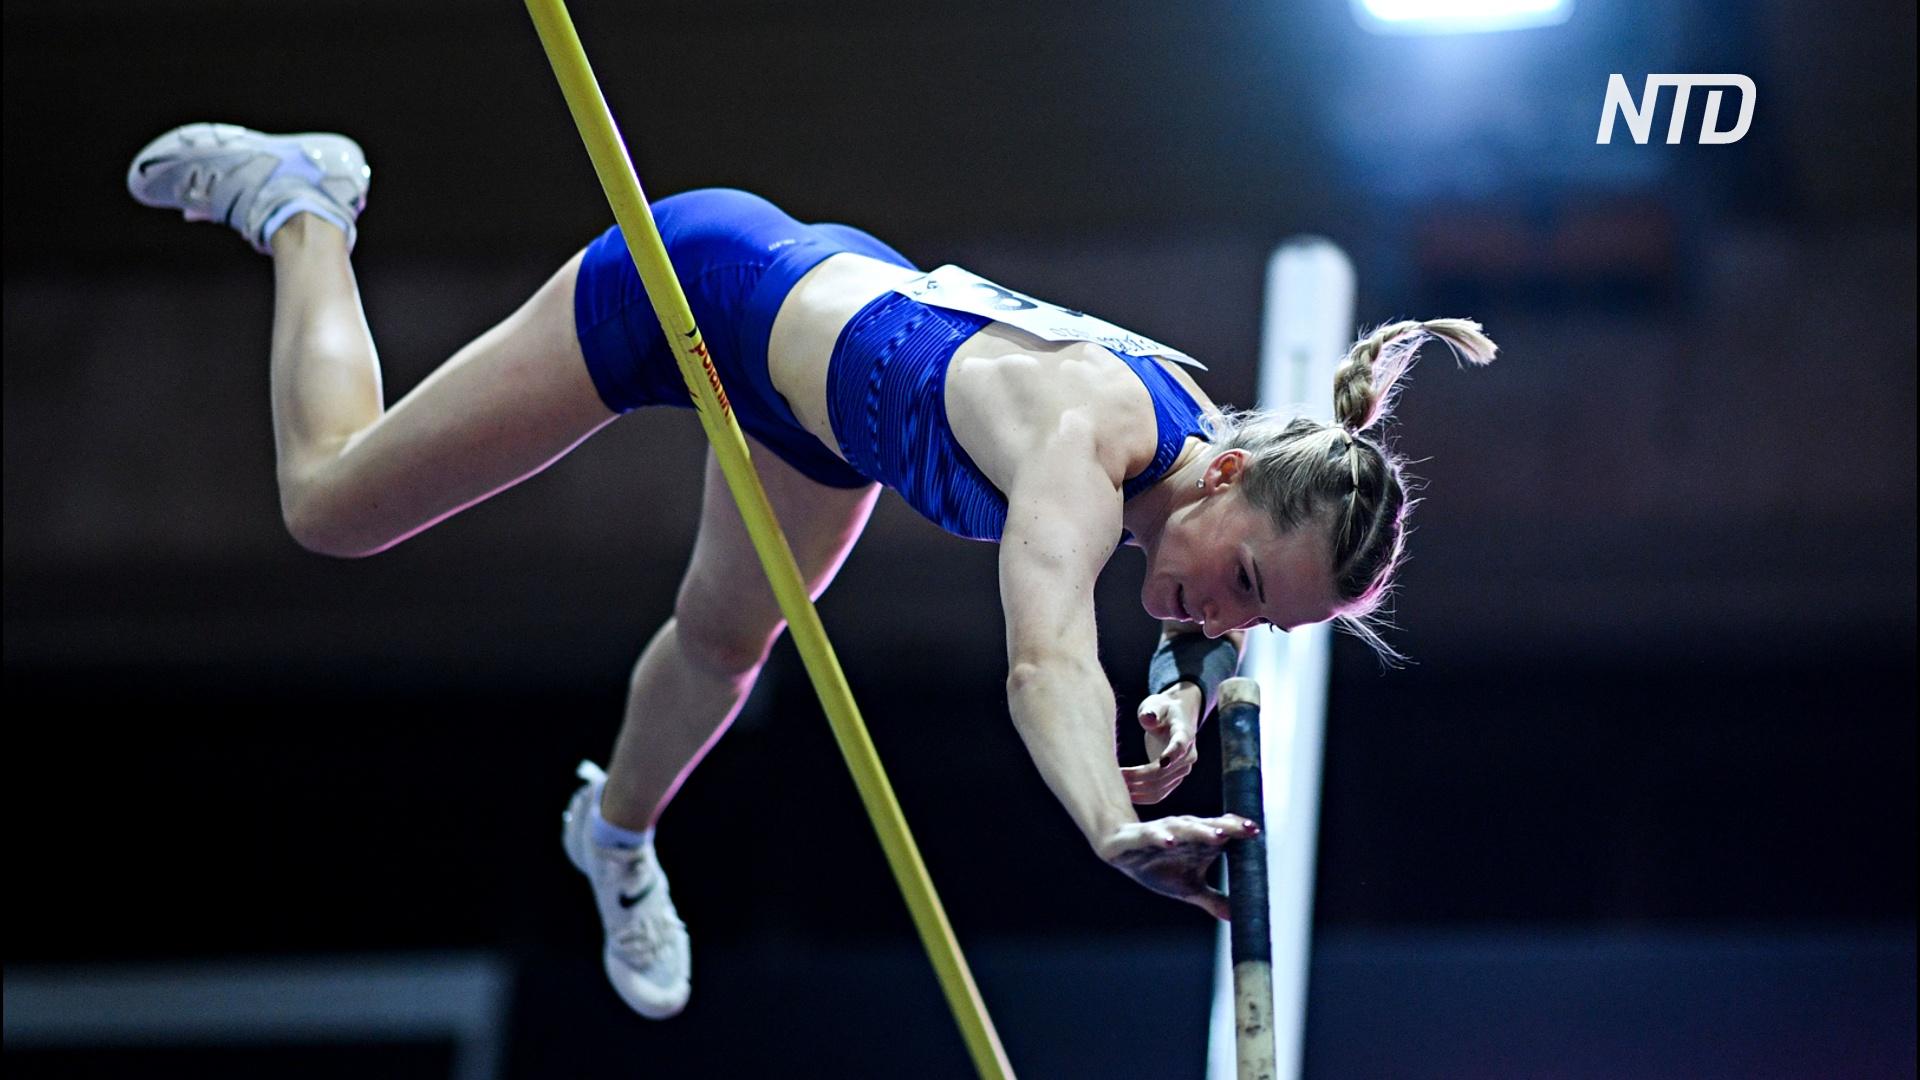 Российские атлеты два года не смогут выступать на Олимпиадах под флагом страны